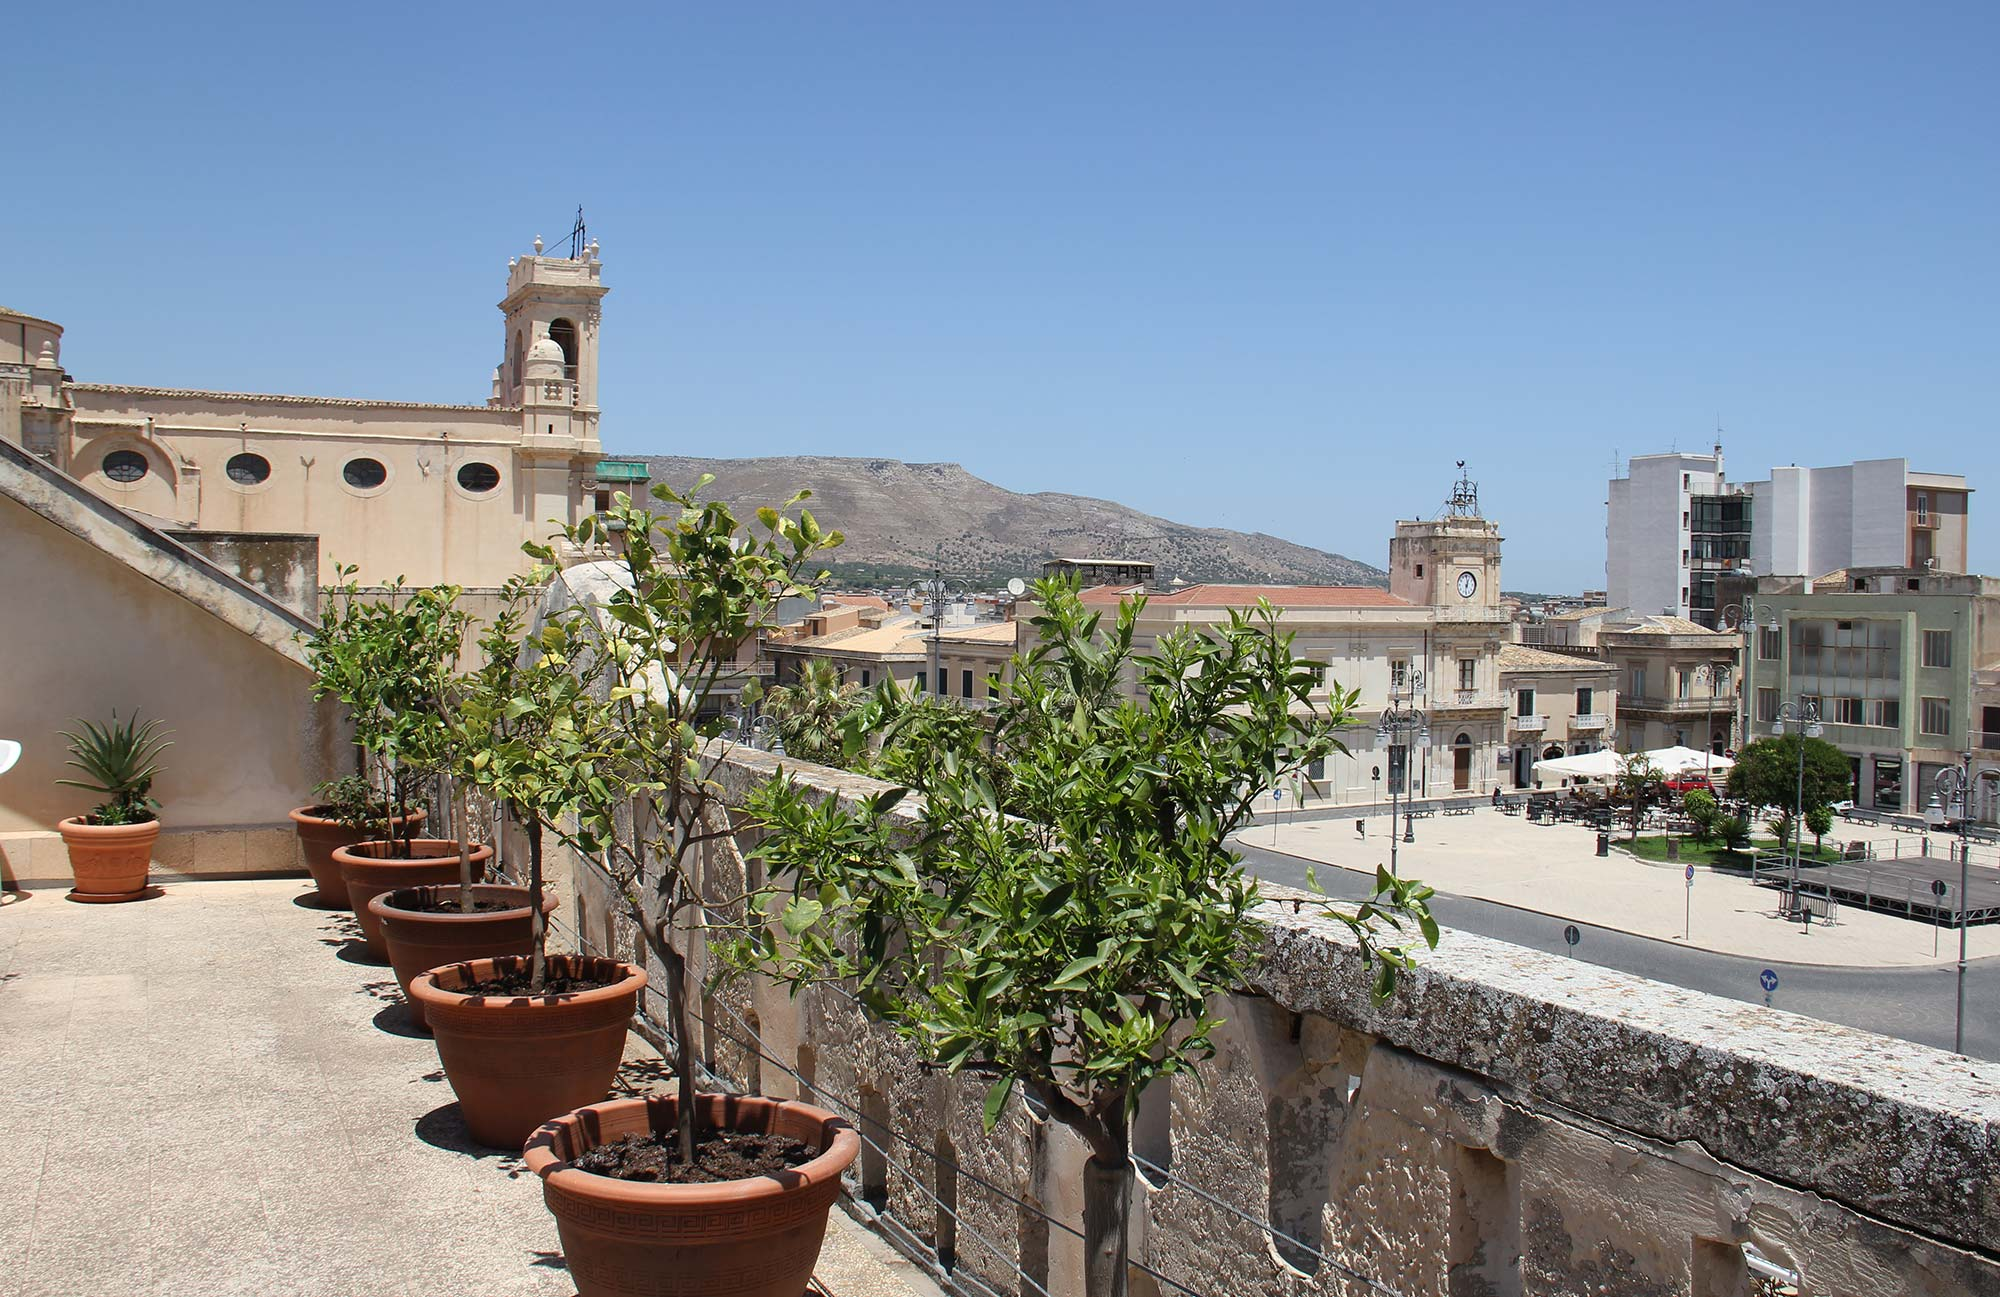 Hotel_Sicilia_Avola_B&B_Avola_Albergo_Sicilia_Piazza_centro_mare_Piazza_terrazza